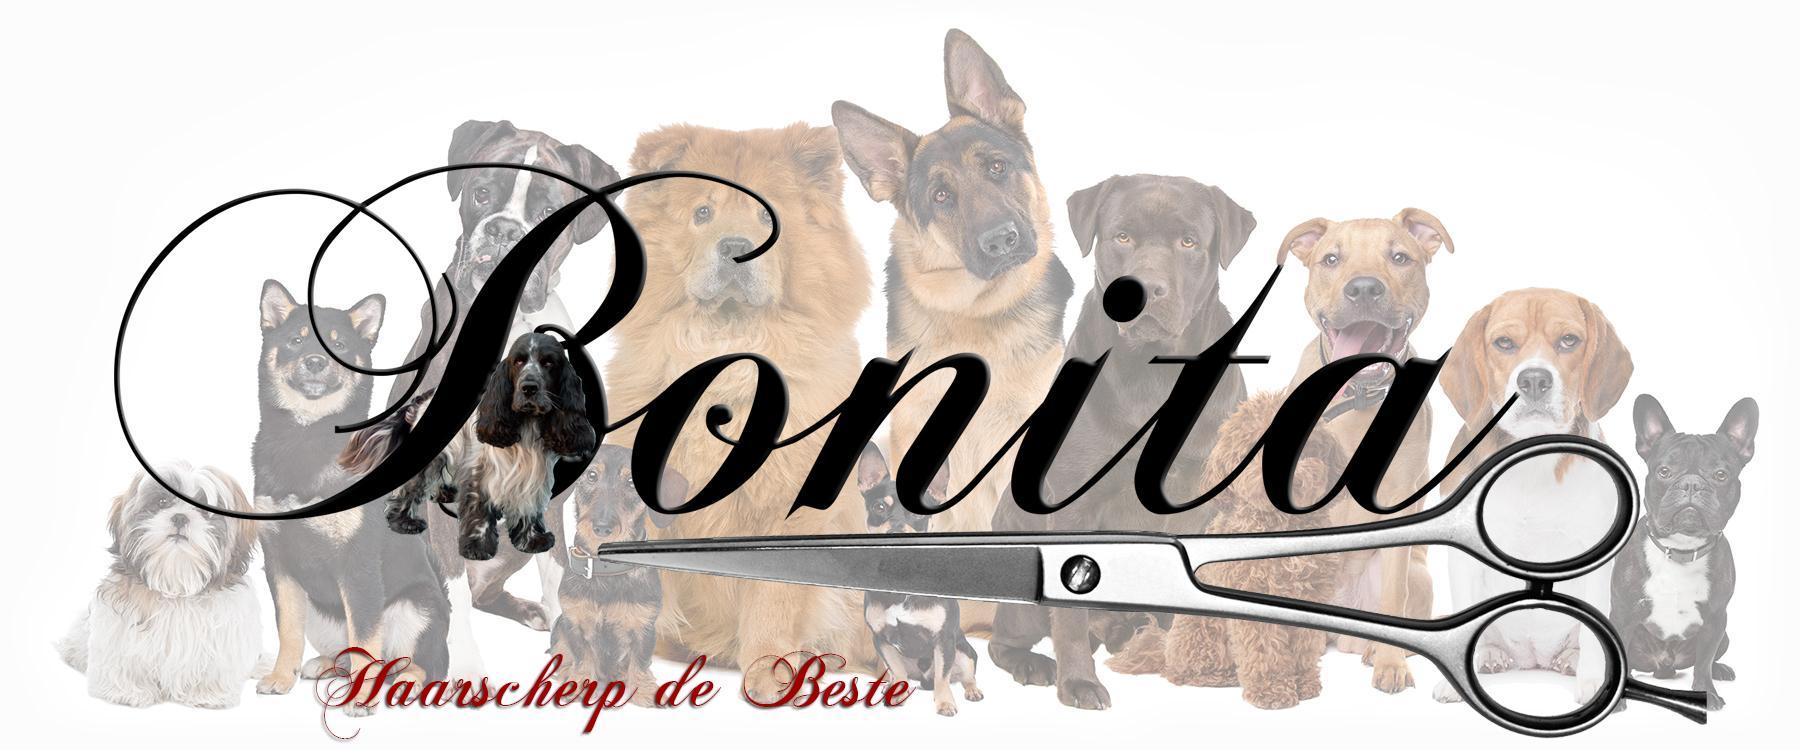 Bonita Dog Groomer